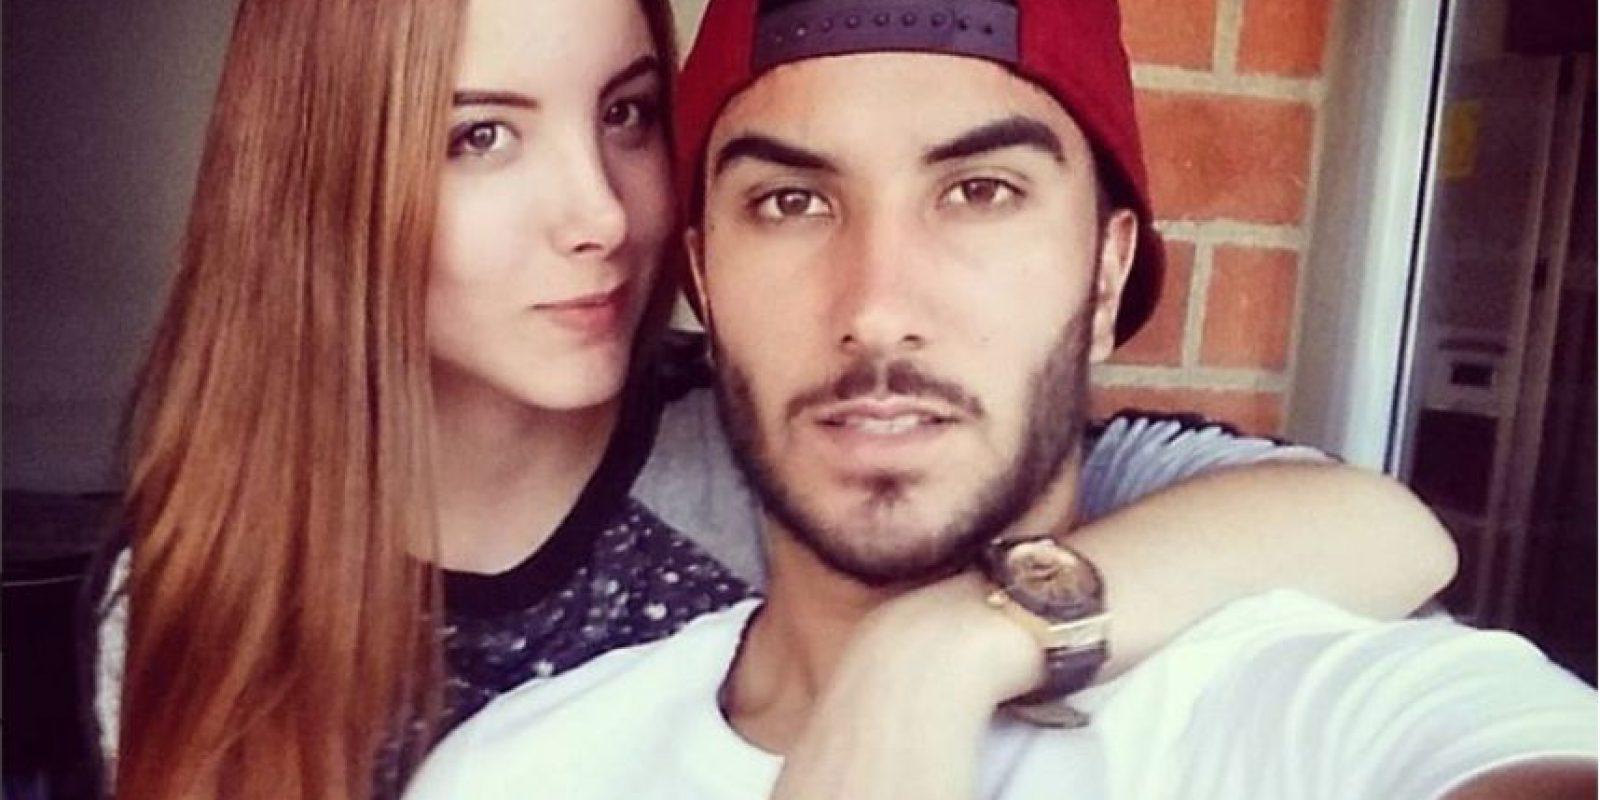 Foto:Tomado del Instagram @sebastianperez_24